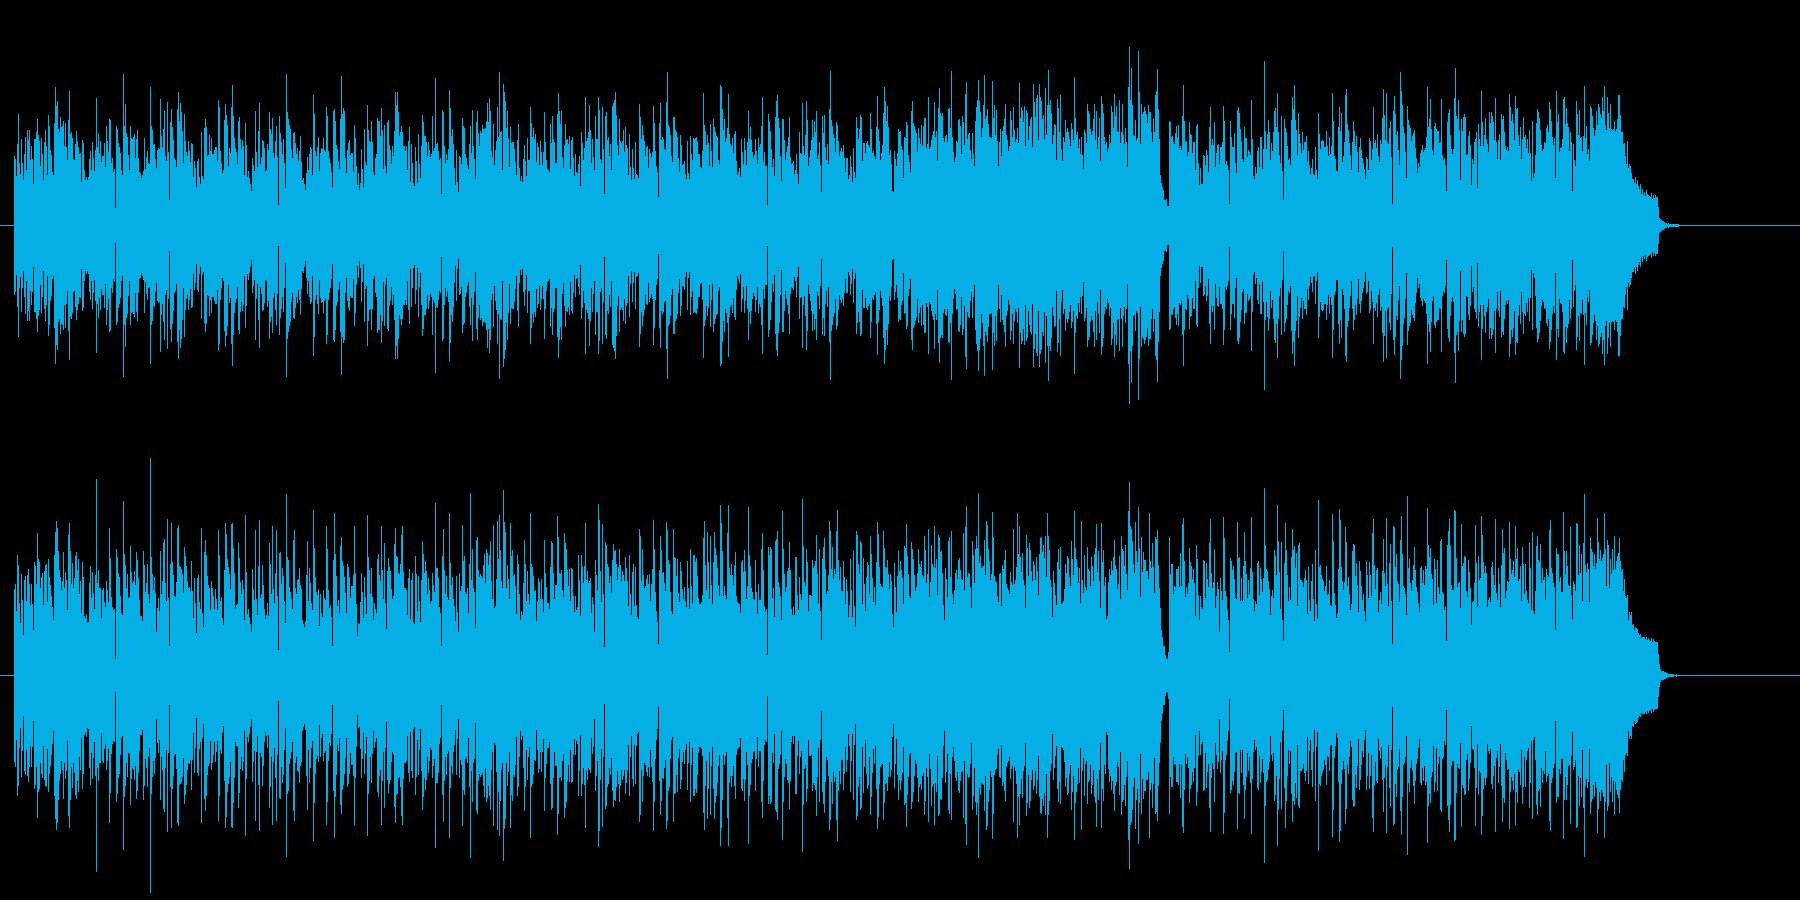 ハンガリアン・マイナー・スケールの再生済みの波形